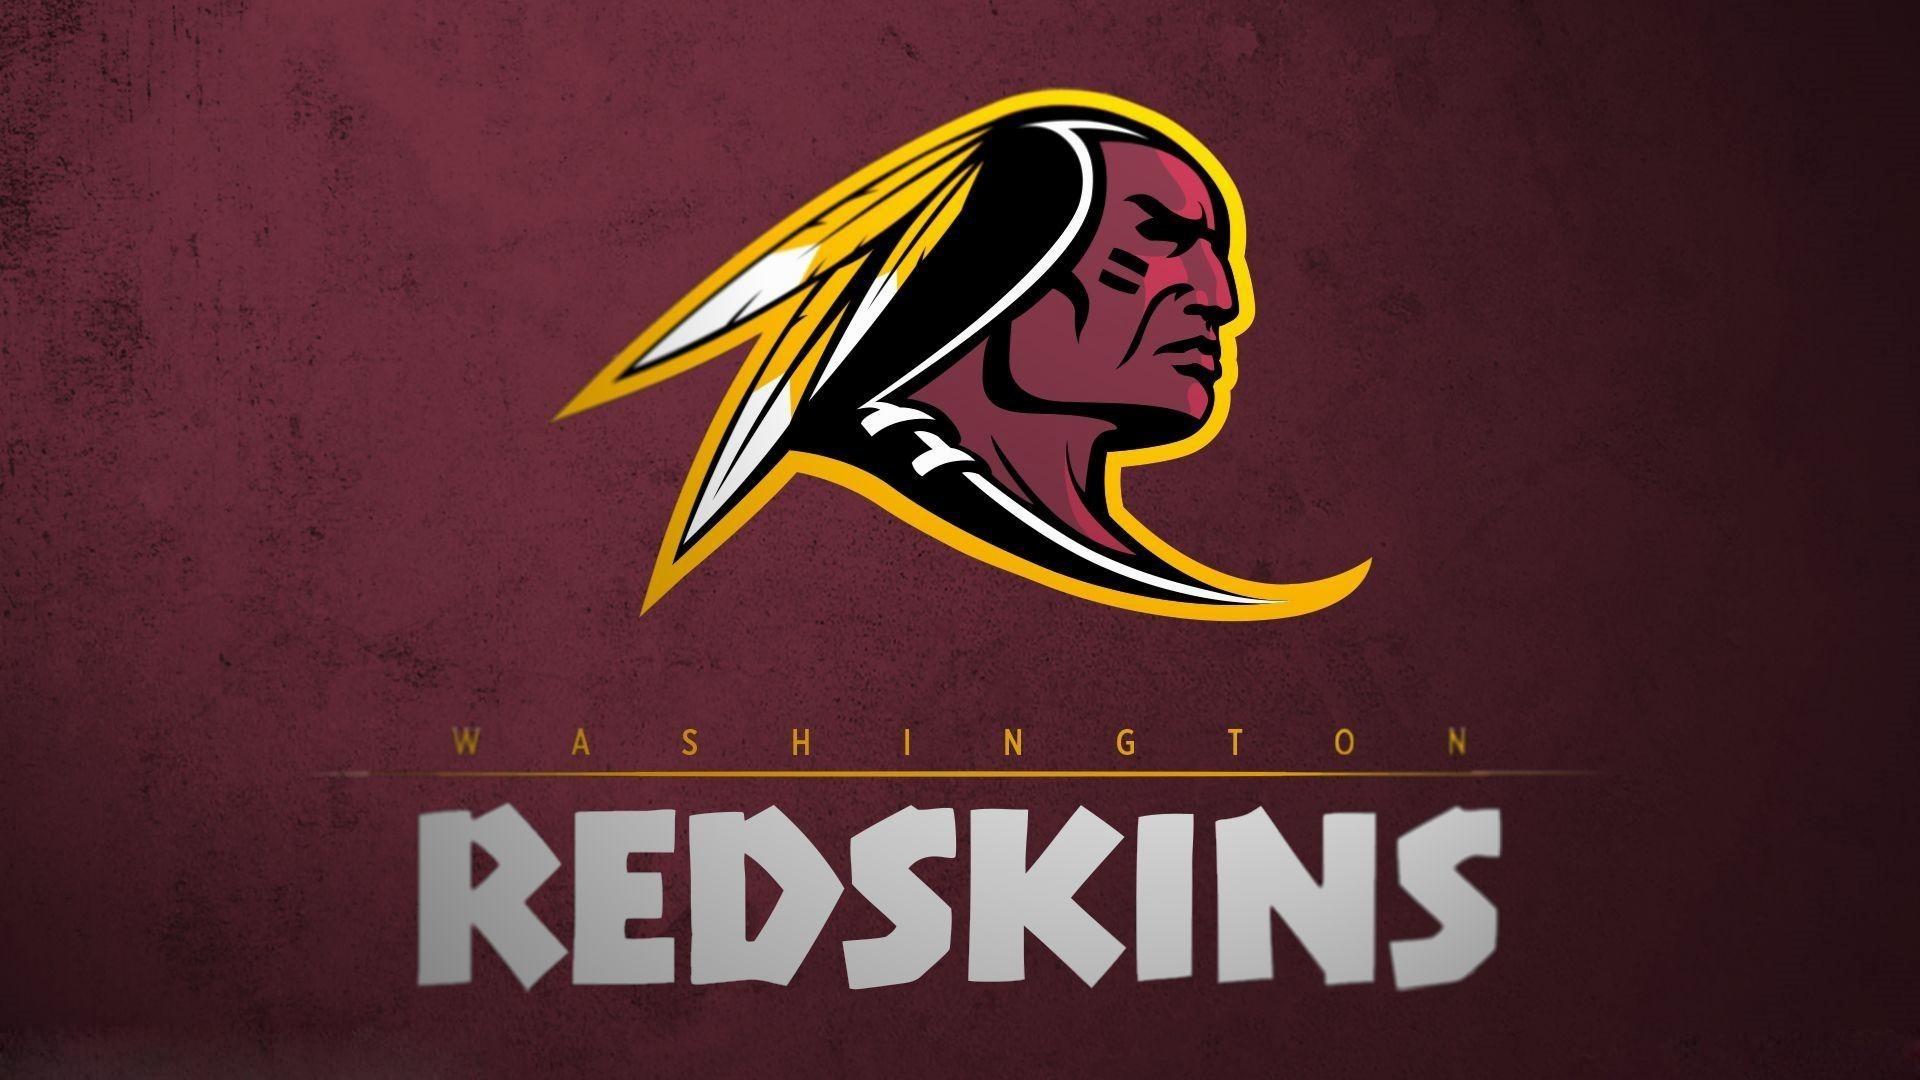 Redskins HD Download